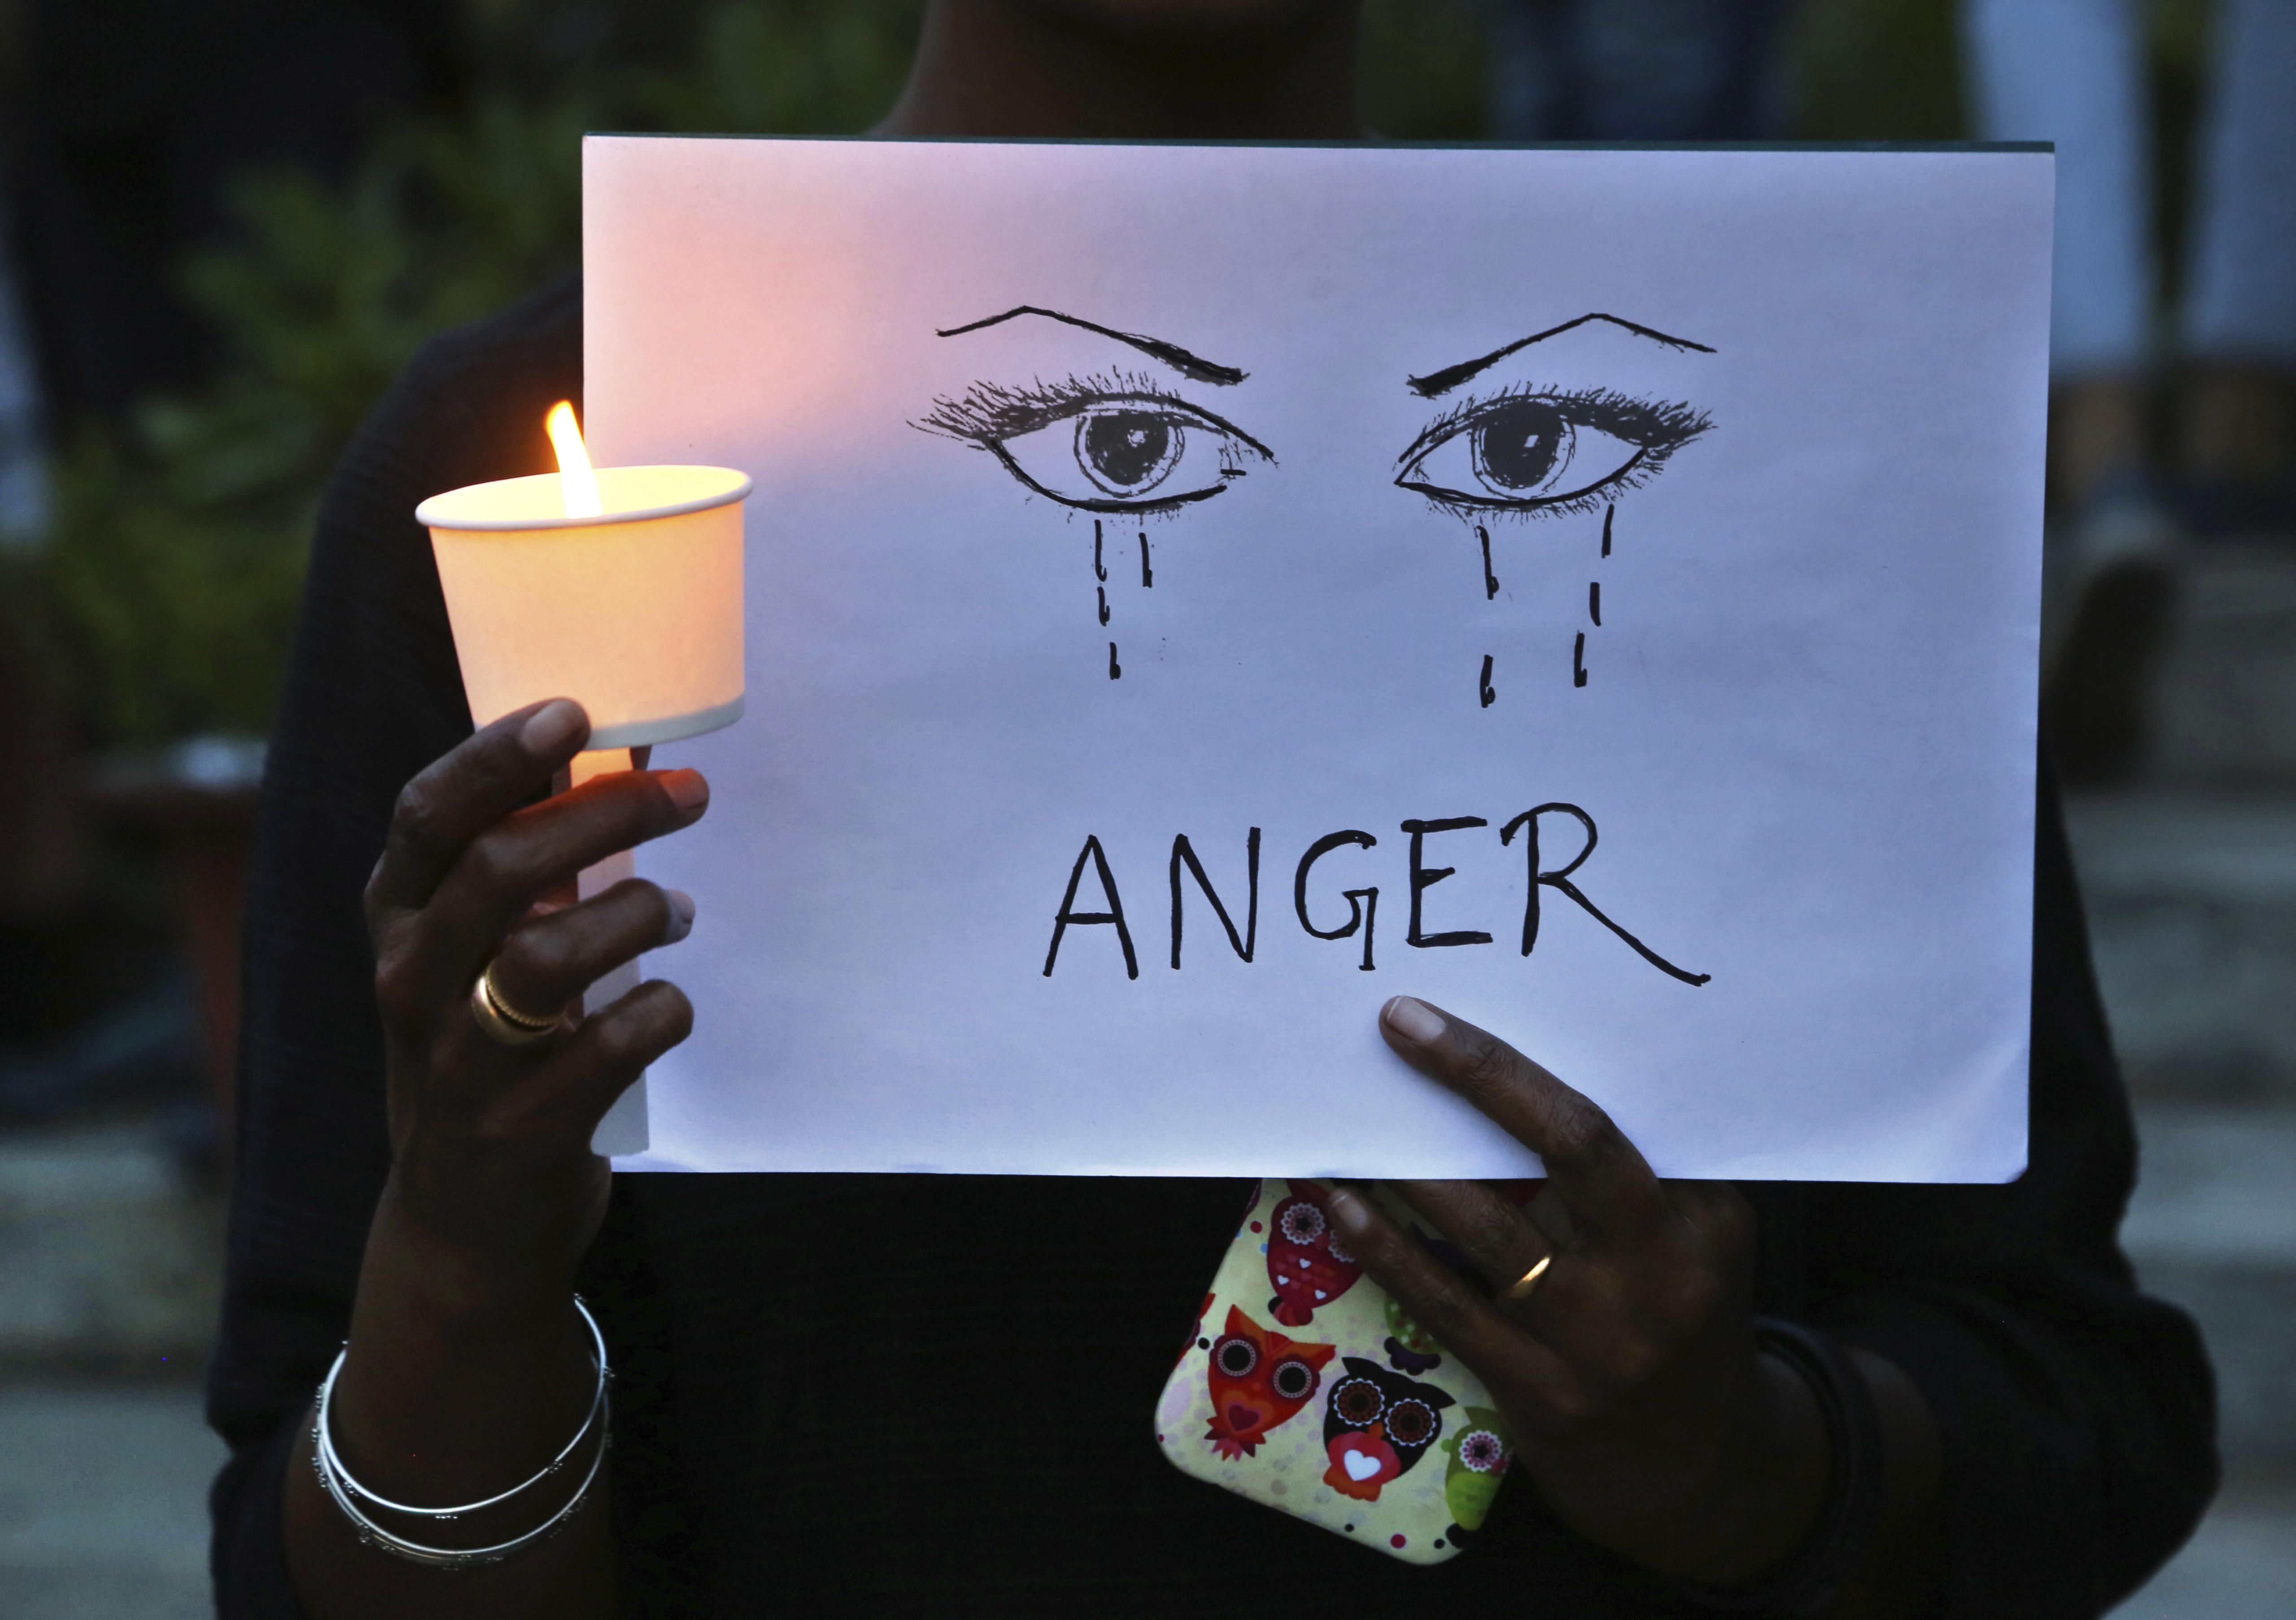 2018년 4월 16일 인도 방갈로어에서 열린 여성에 대한 성폭력을 끝내자는 시위 참석자의 모습. 이 시위는잠무와 카슈미르 주에서 남성 8명이 8세 여아를 집단 성폭행하고...